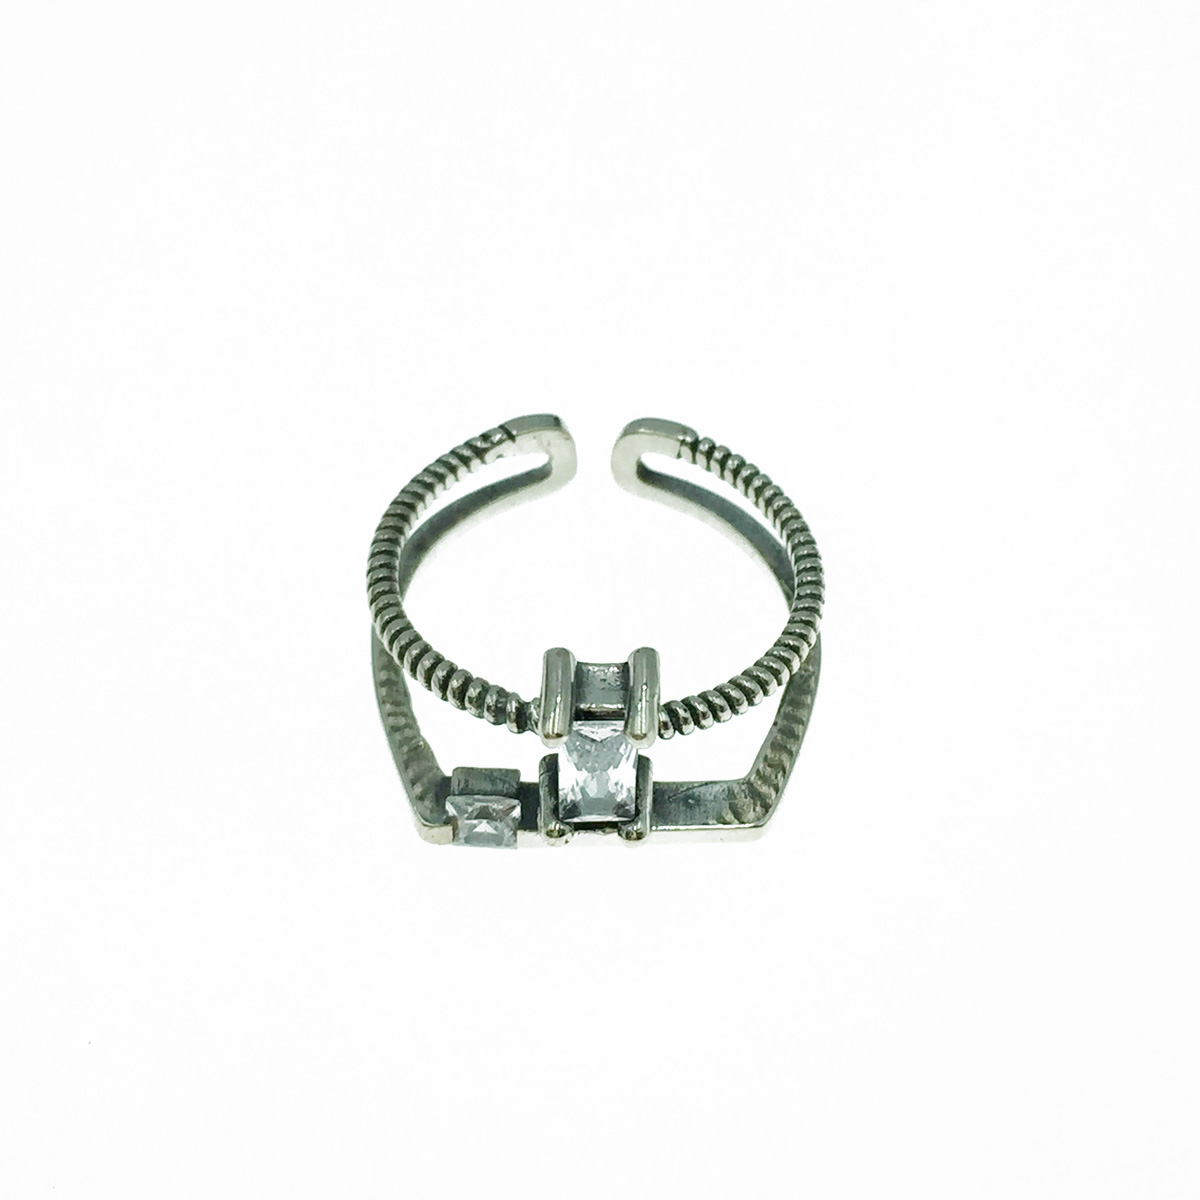 韓國 925純銀 長方水鑽 雙環 可調式 戒指